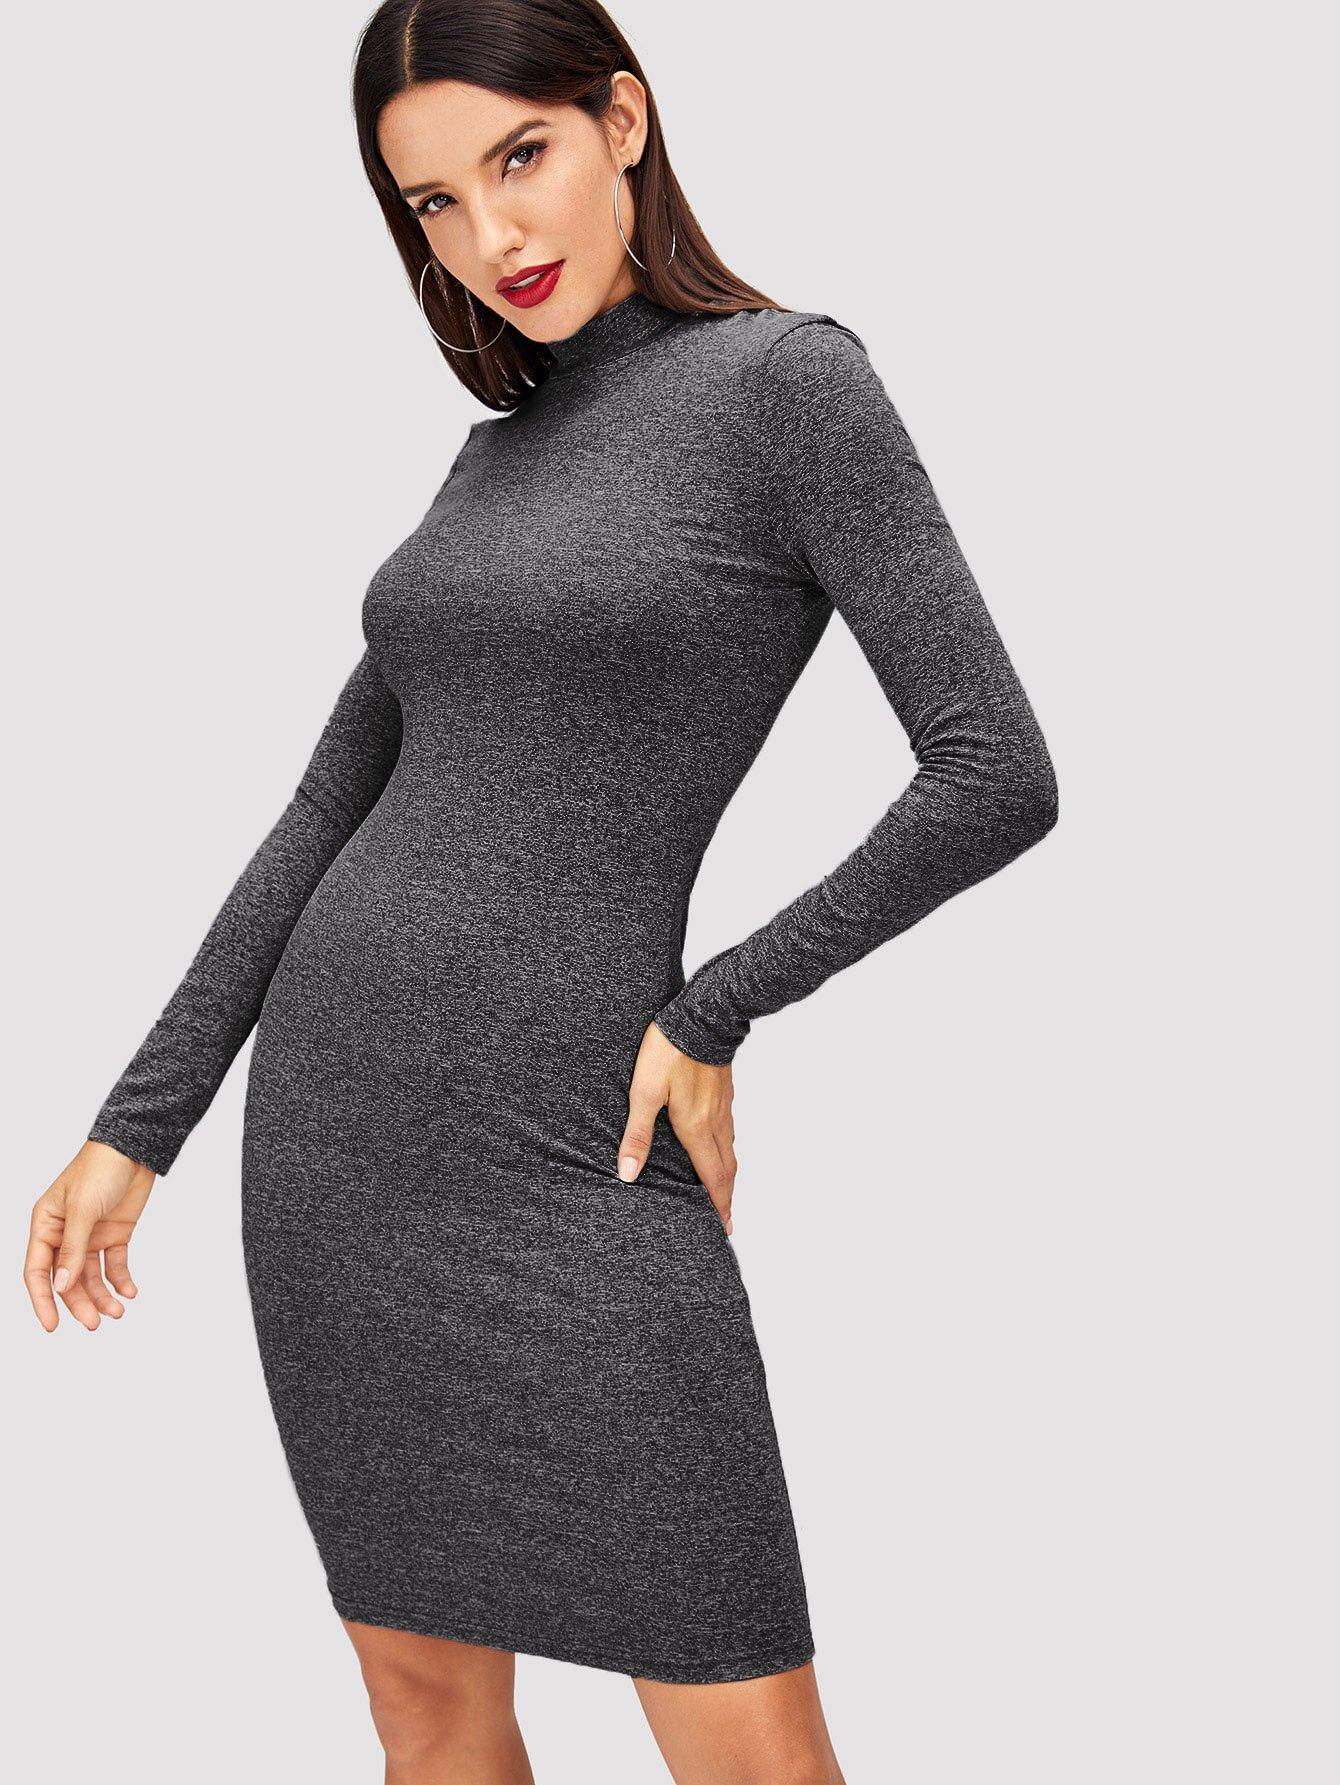 Фото - Платье с длинным рукавом с высоким вырезом от SheIn цвет серые